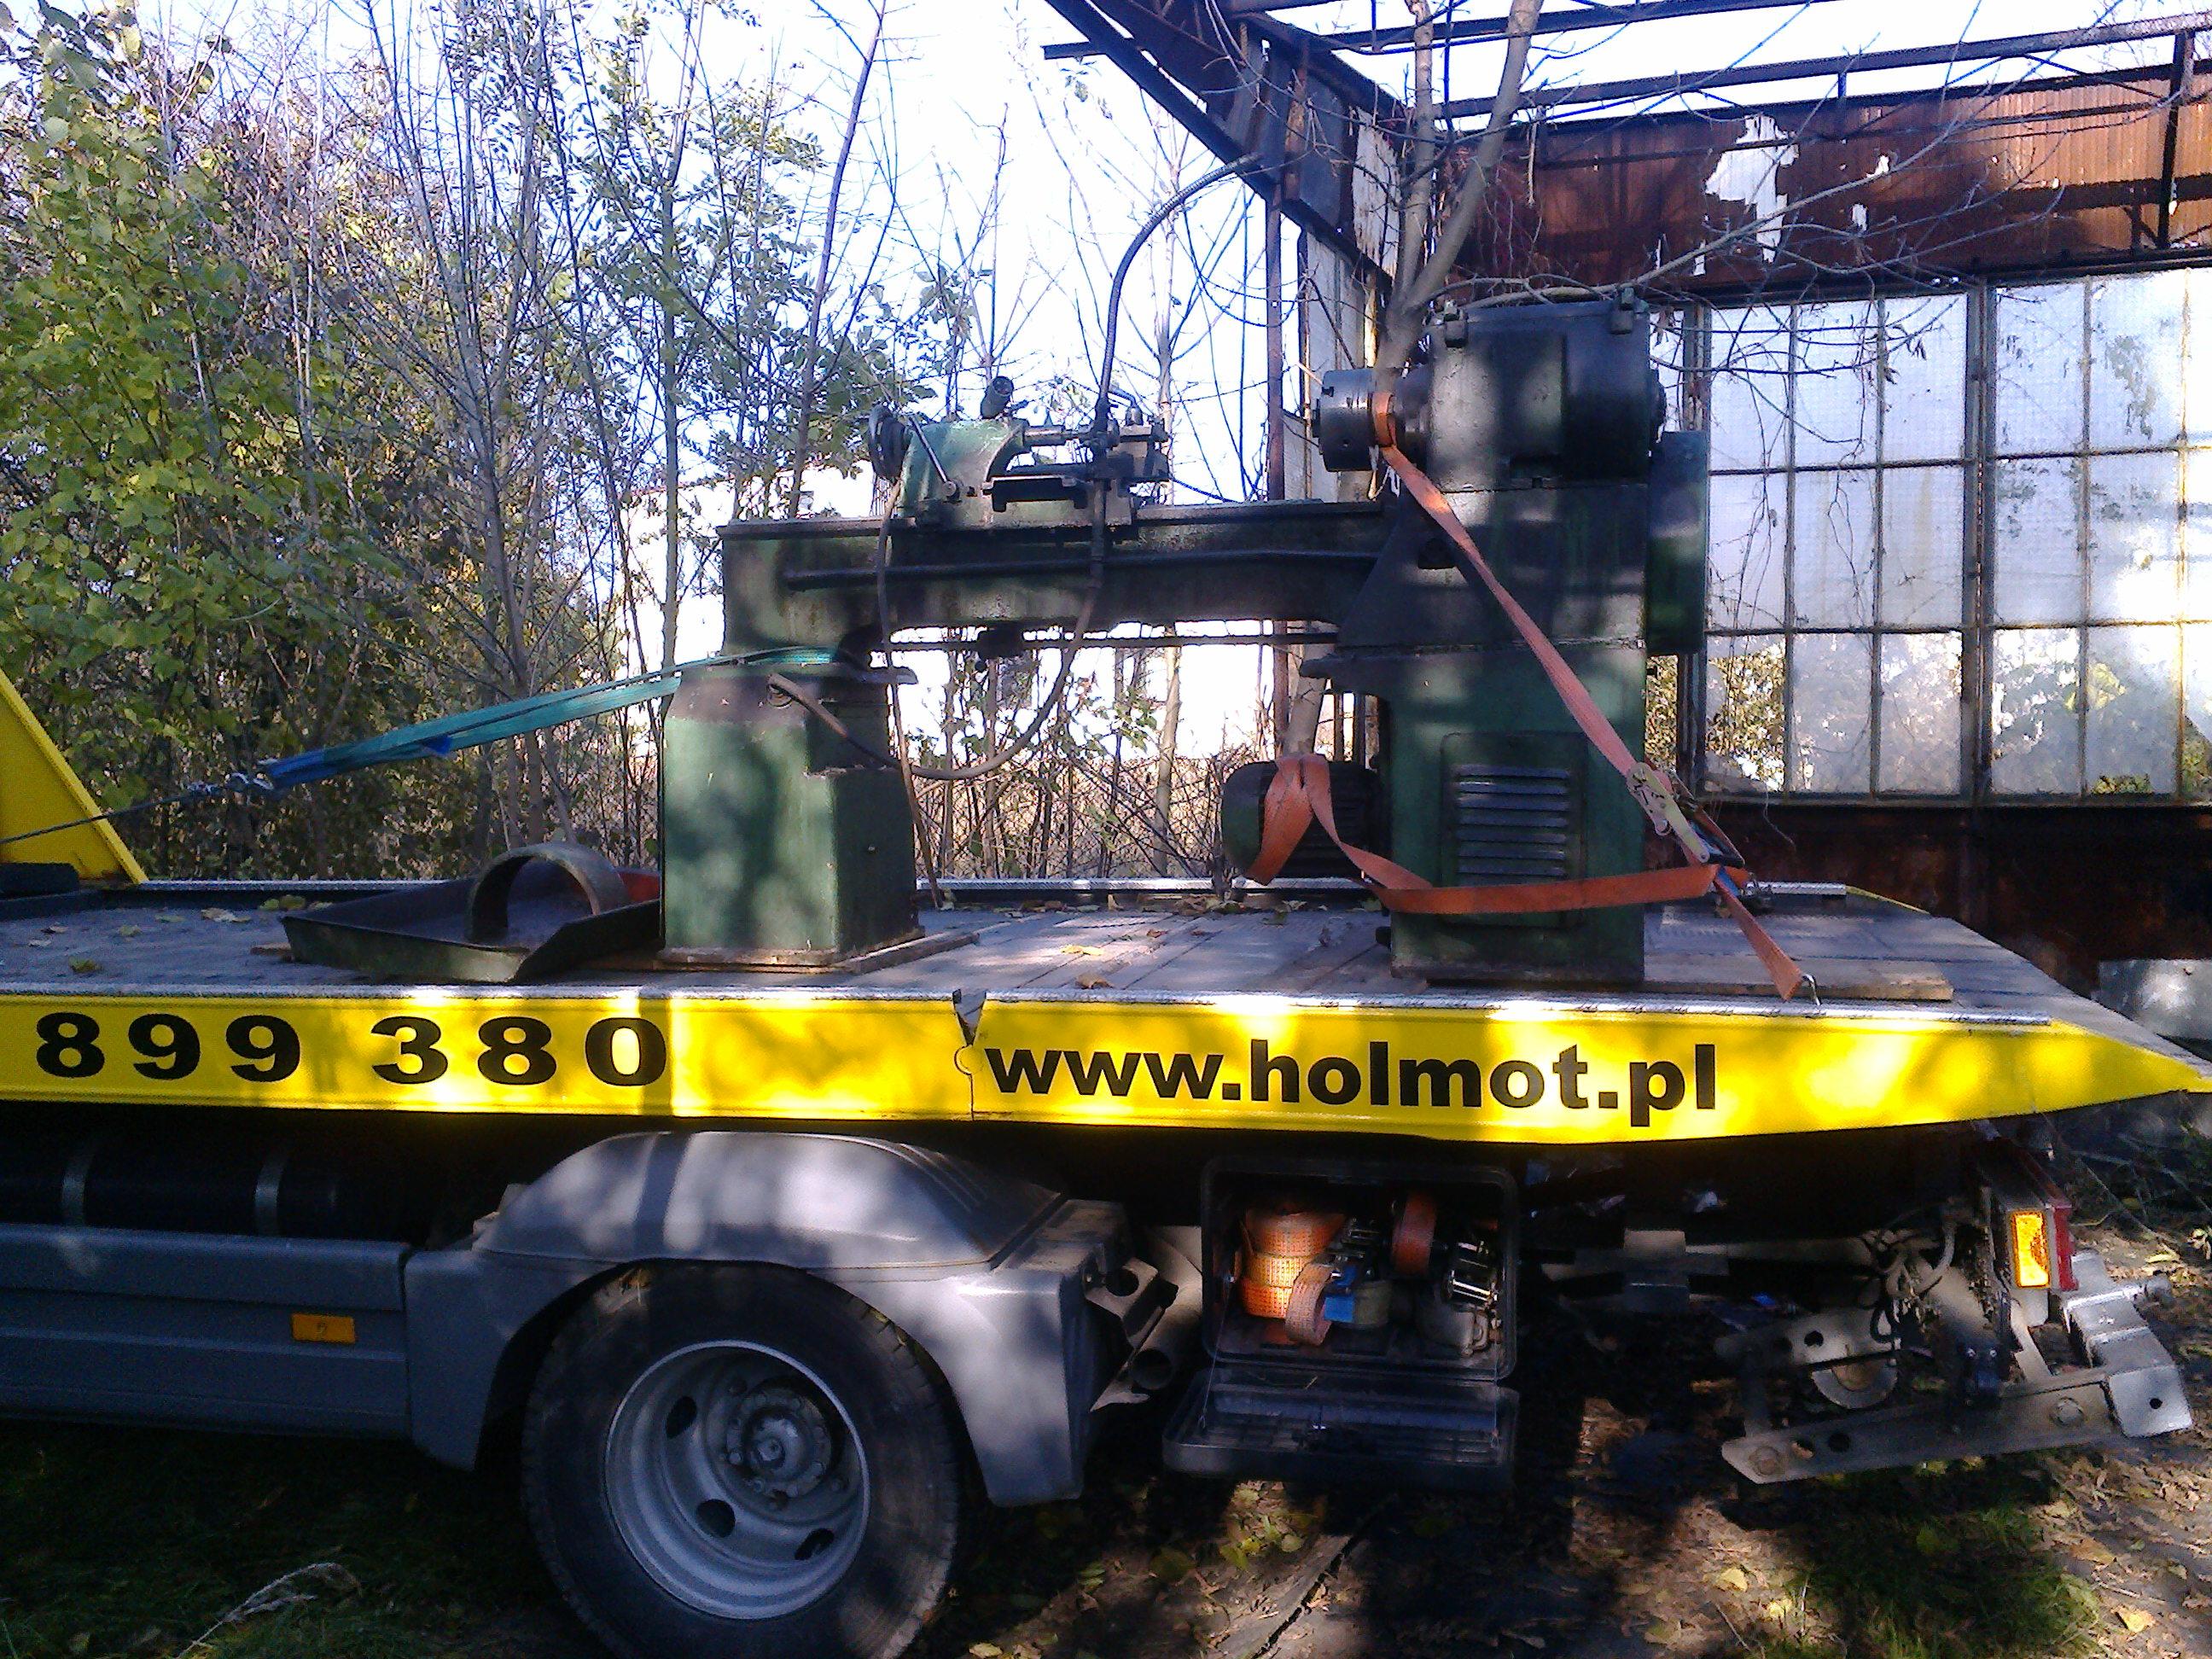 holmot69